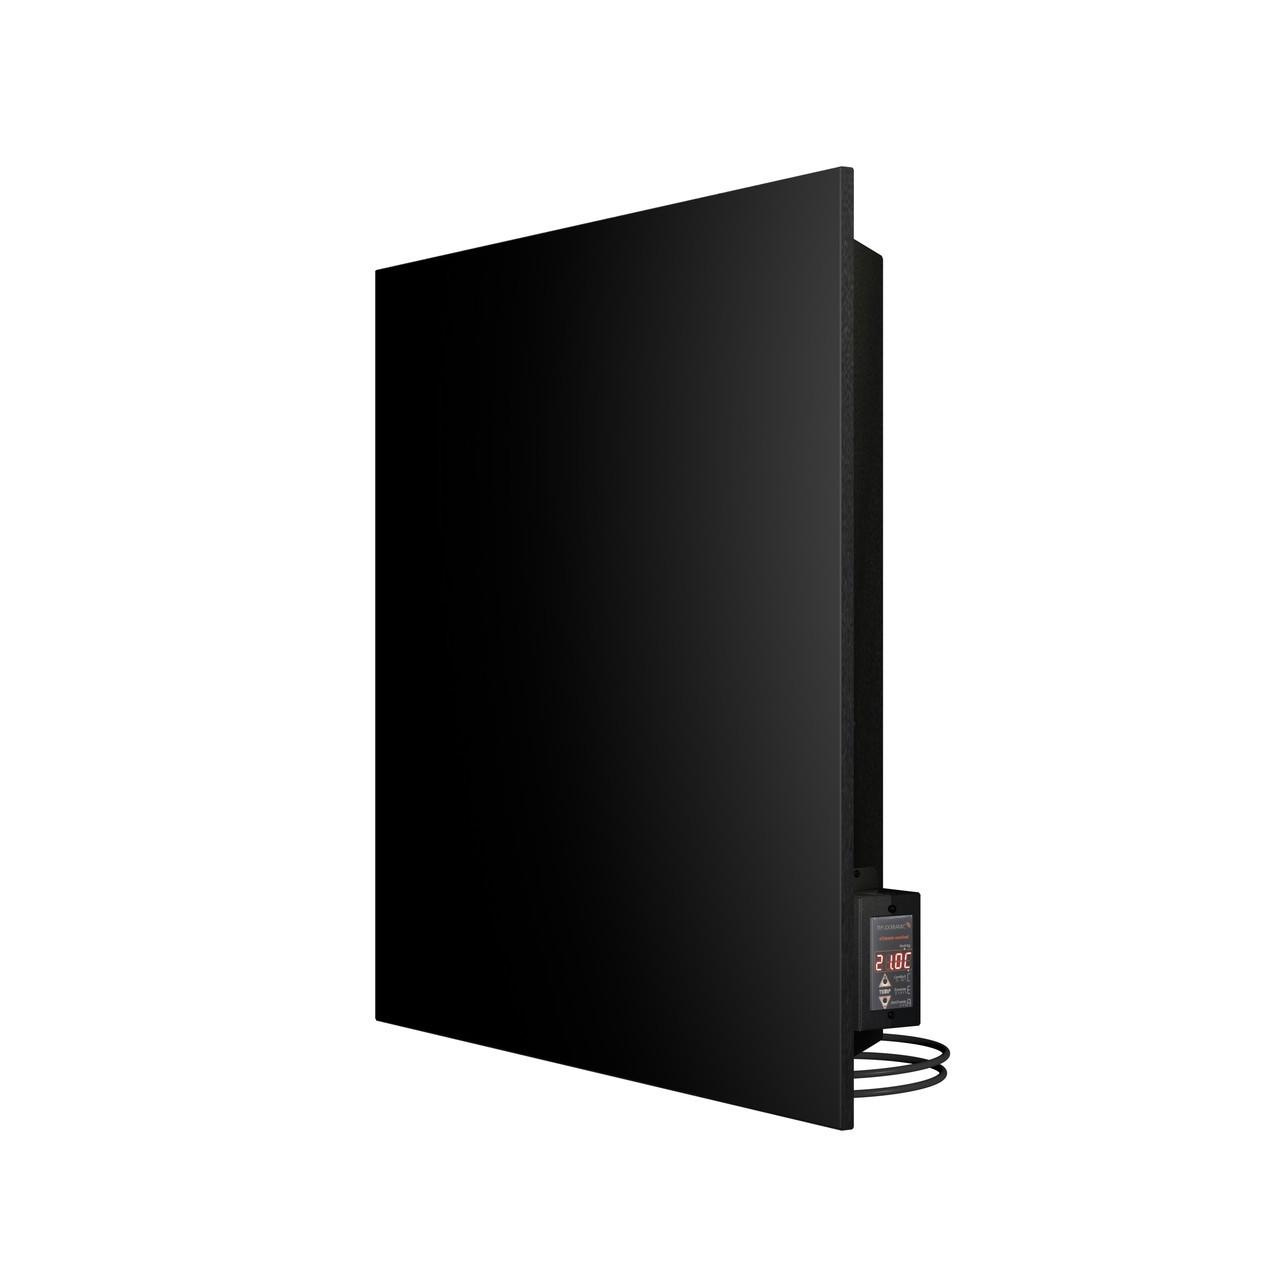 Керамический инфракрасный конвекционный обогреватель Teploceramic TC500C 500Вт (Чёрный)